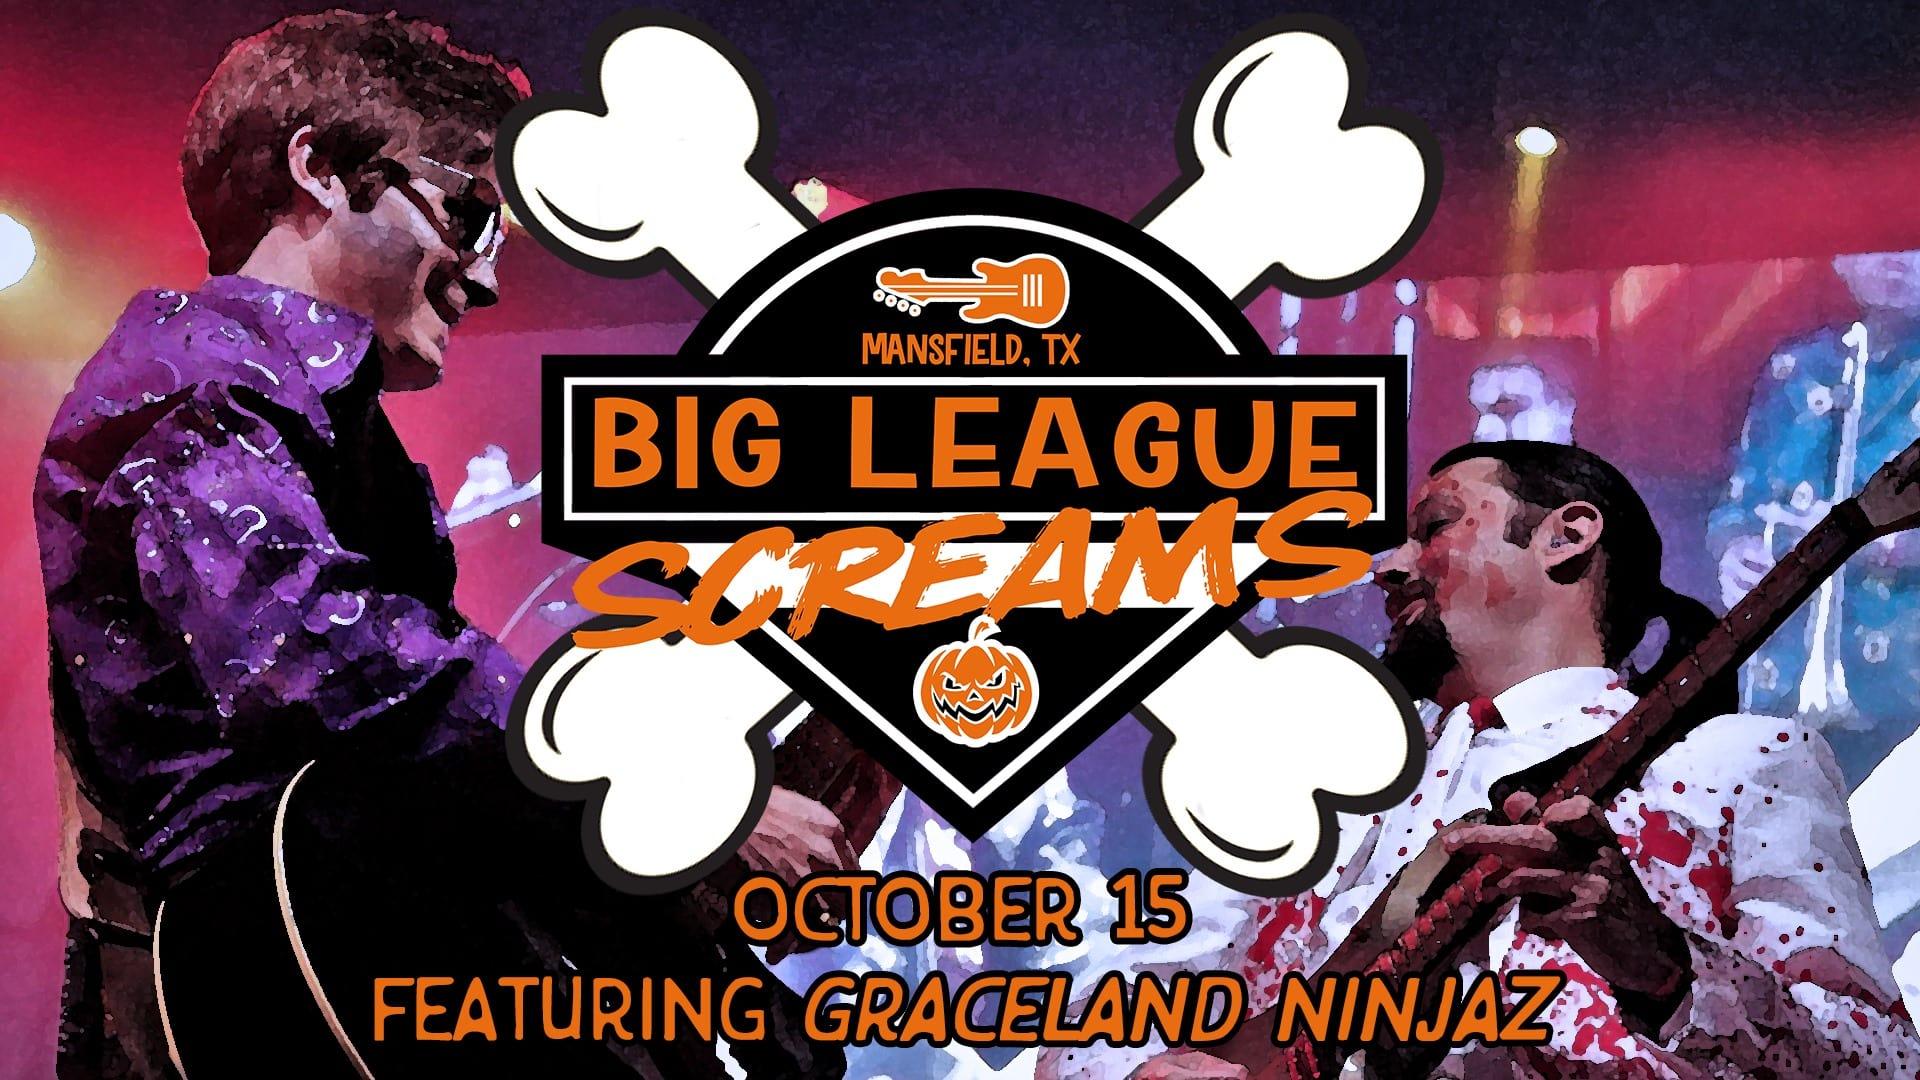 Big League Screams Poster